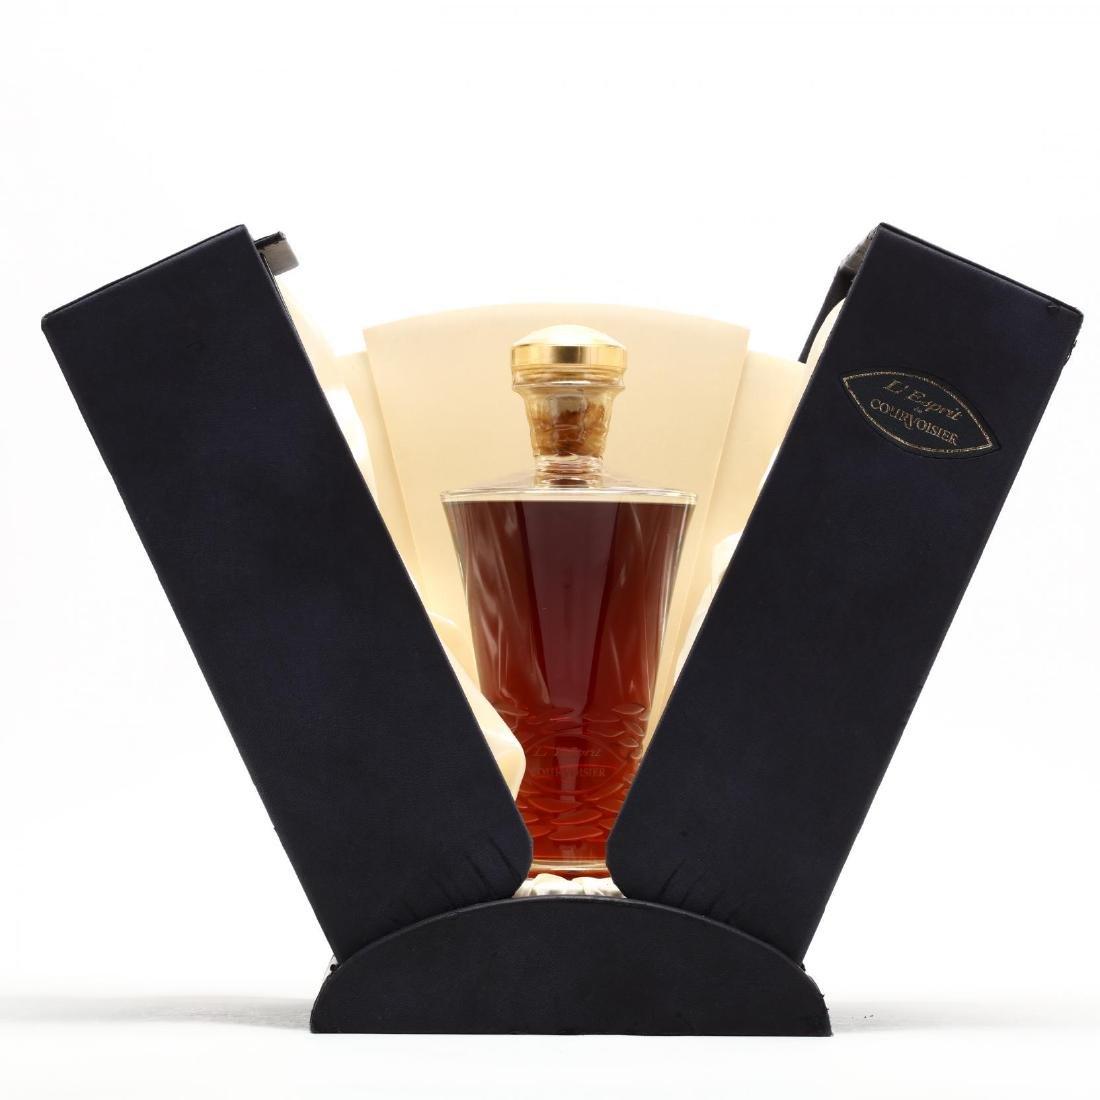 L'Esprit de Courvoisier Cognac